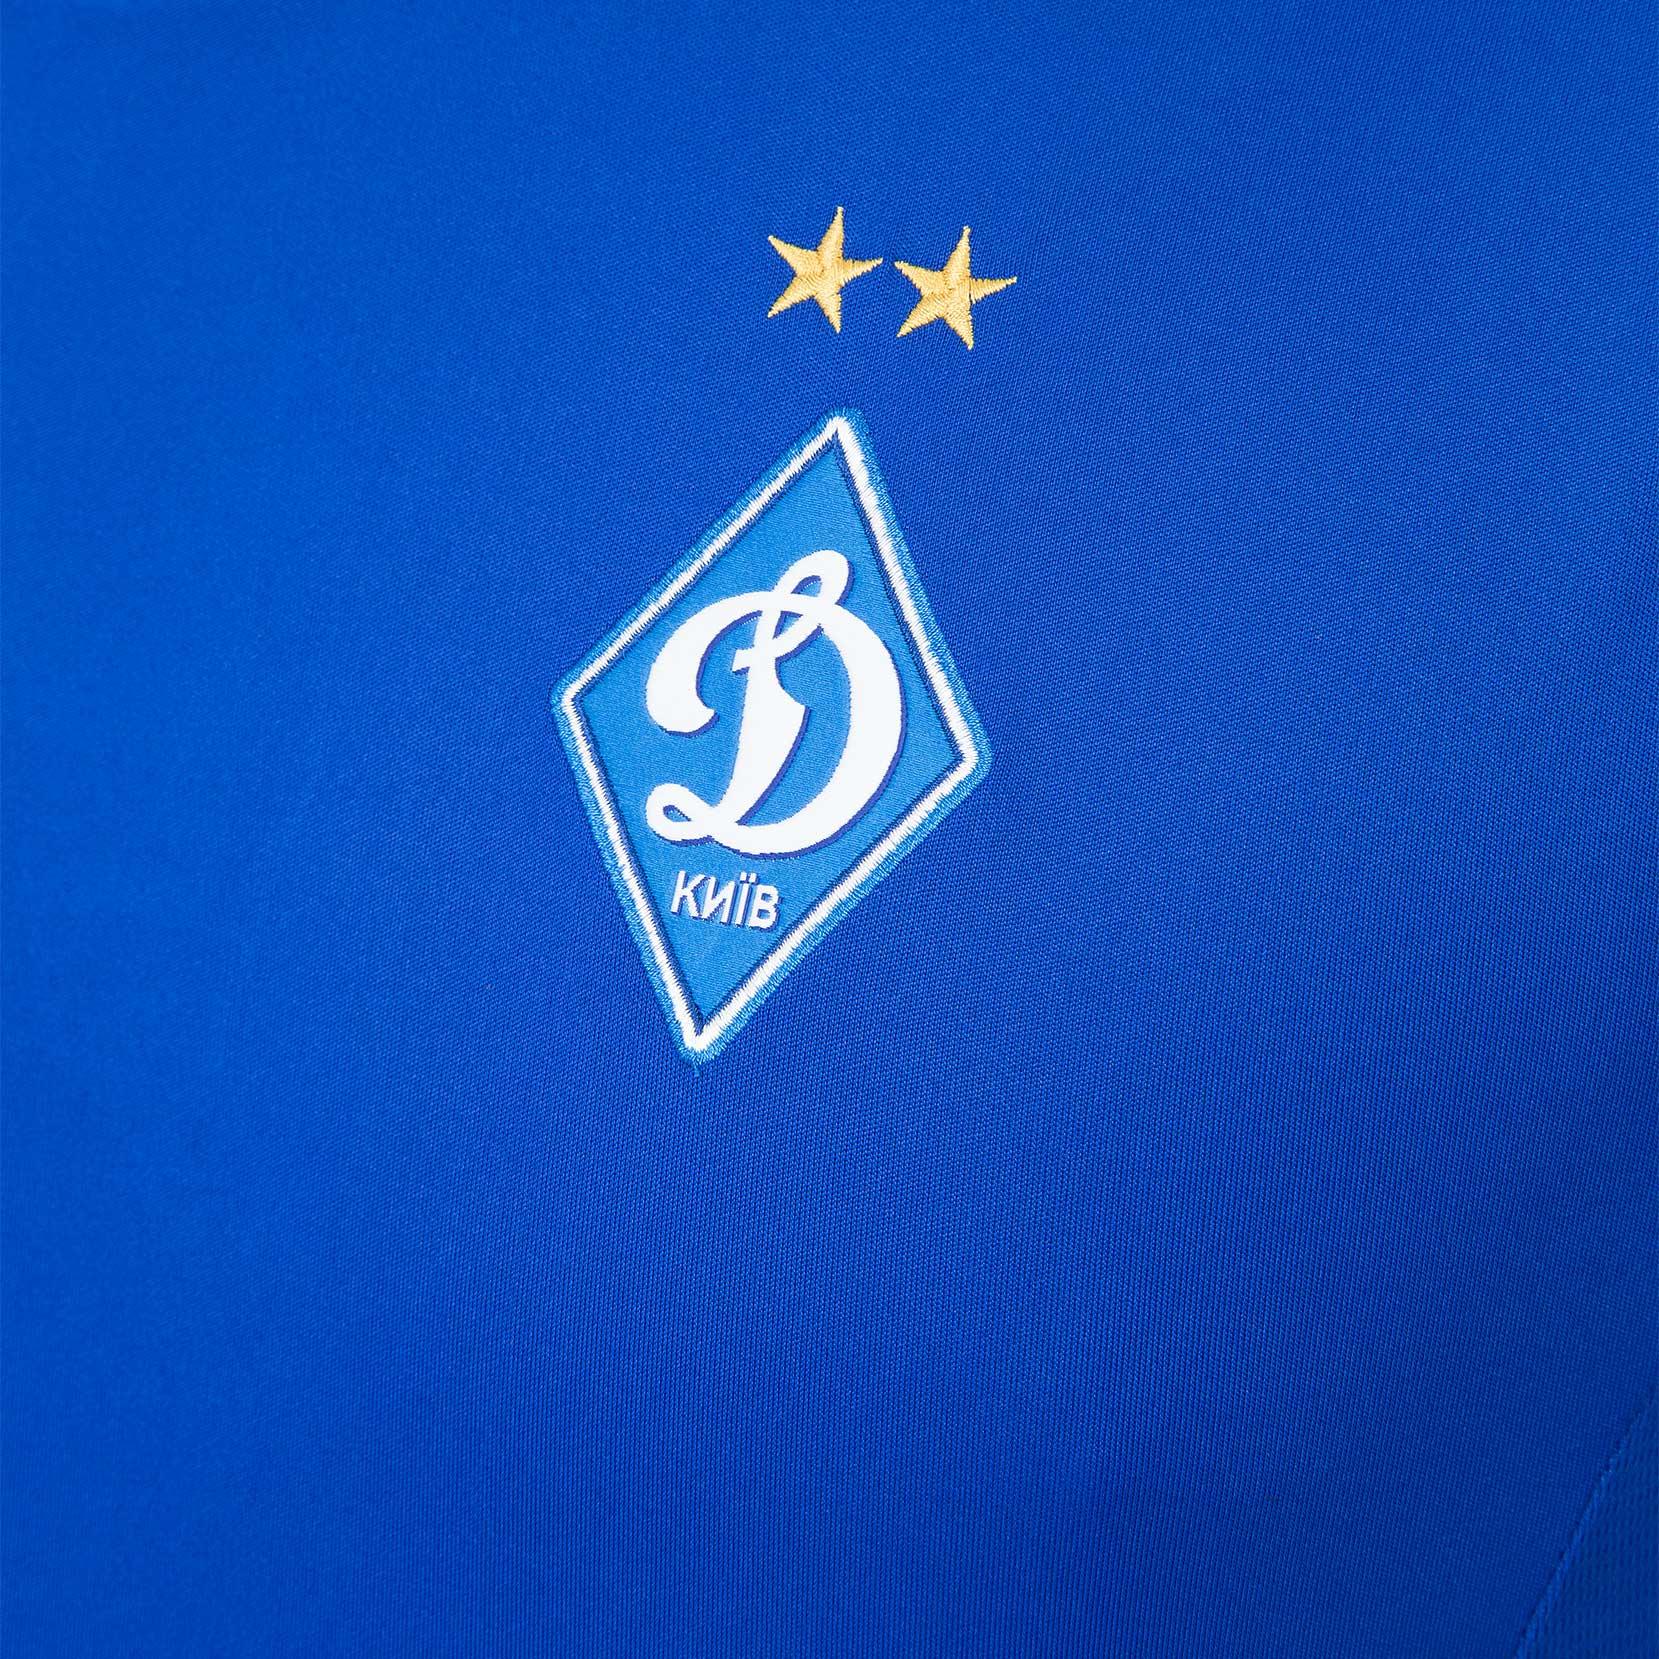 Футболка тренувальна ФК «Динамо» Київ для чоловіків EMT8022TRY | New Balance